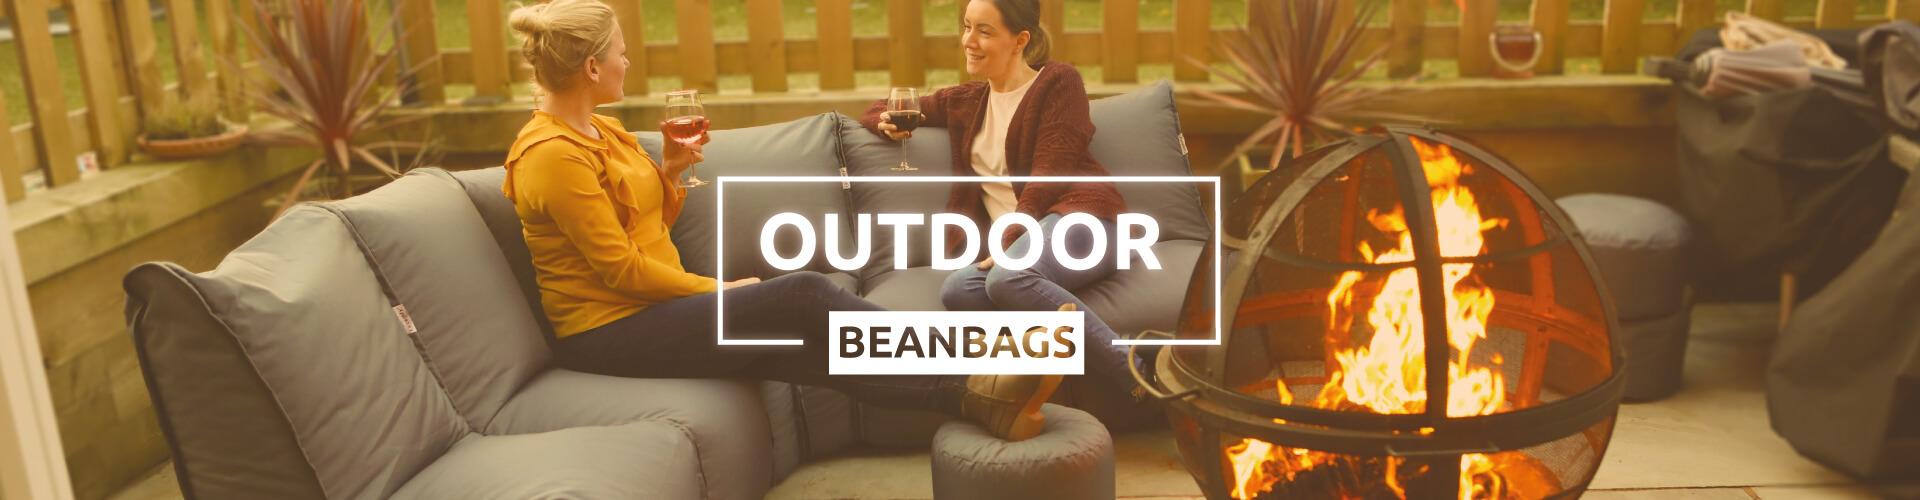 Outdoor Beanbags